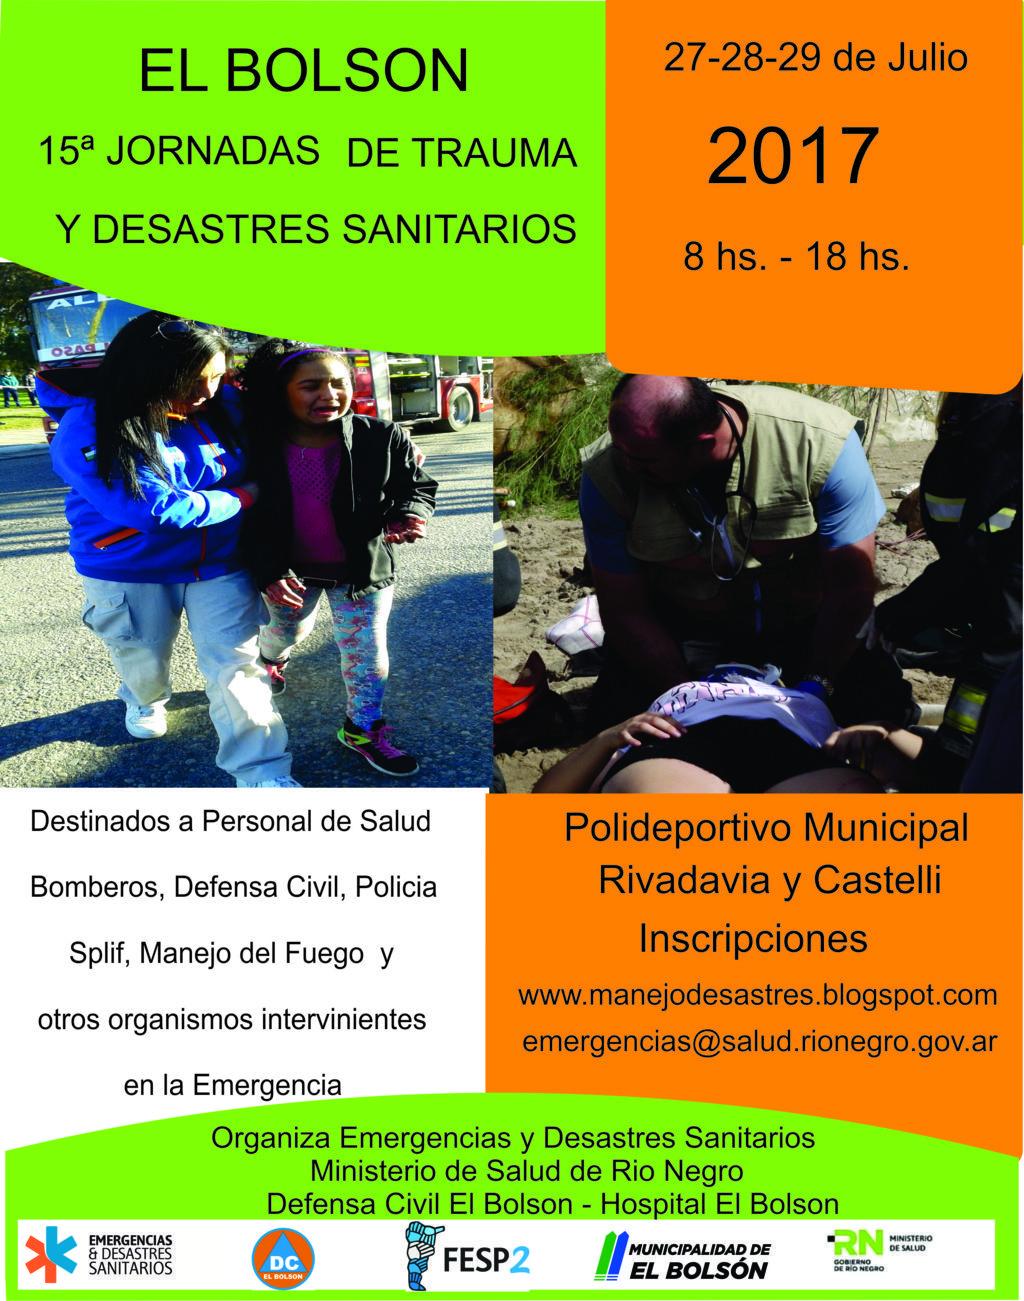 Curso de Trauma y Desastres Sanitarios El Bolsón 2017